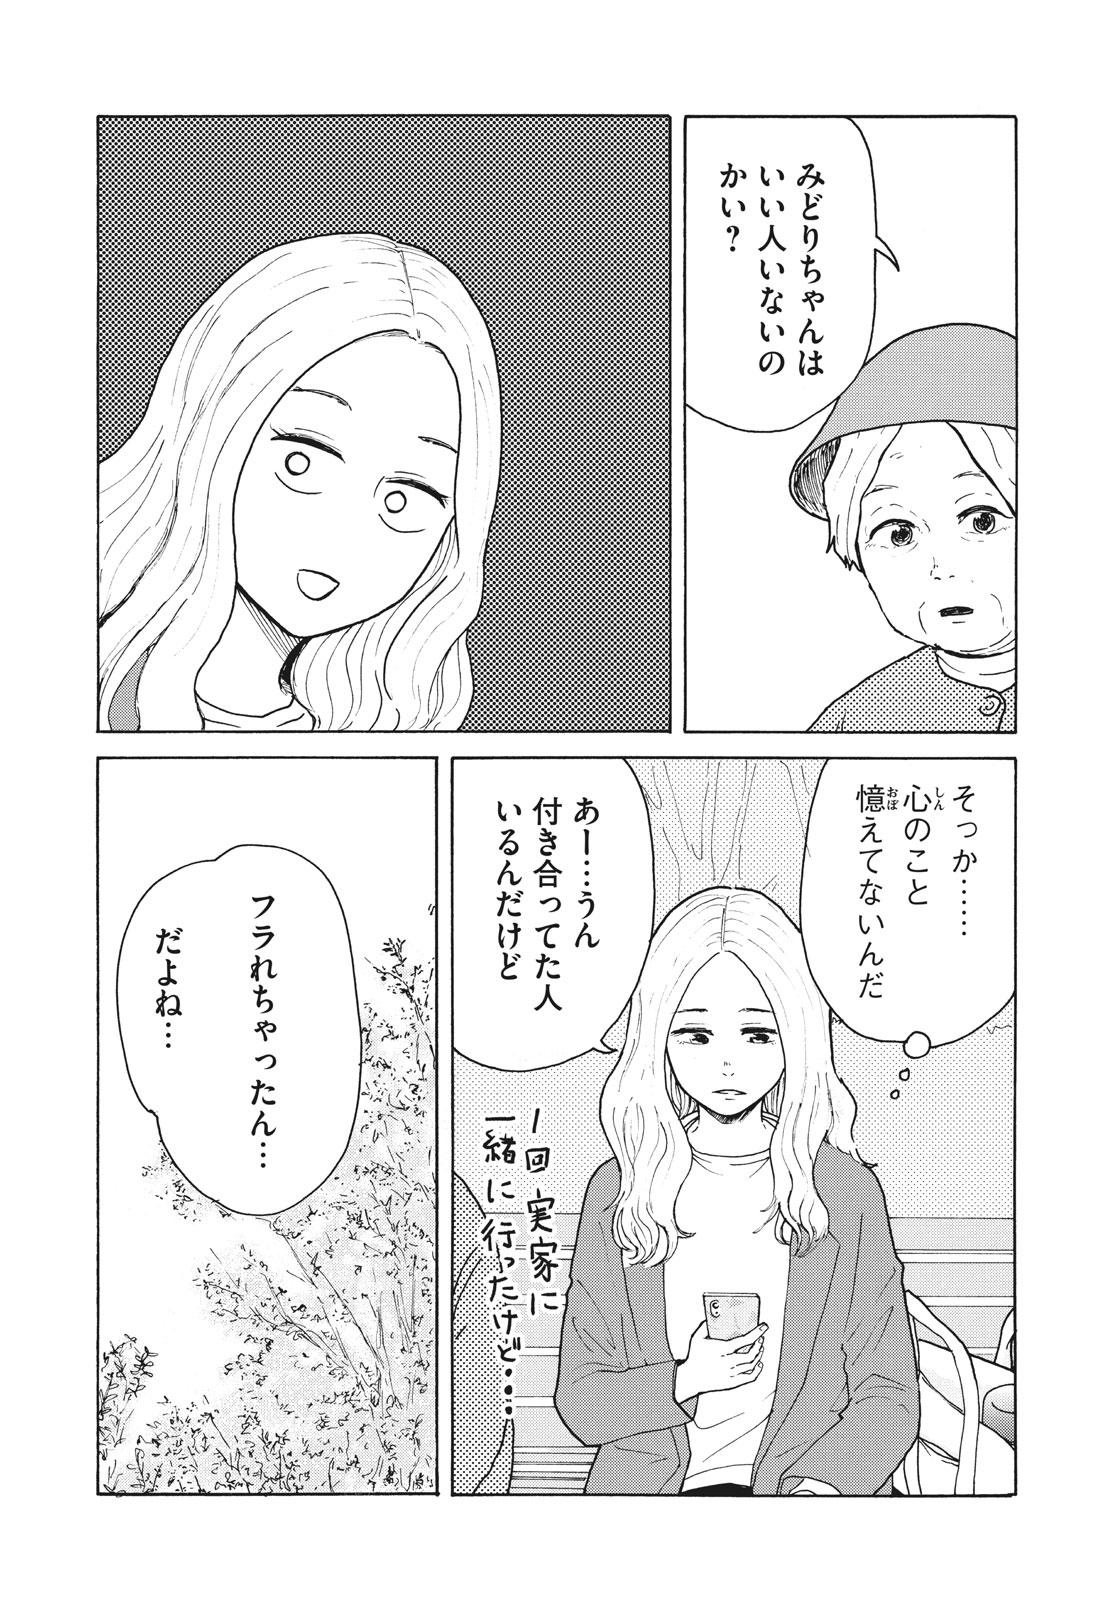 004_30日_2020_010_E.jpg